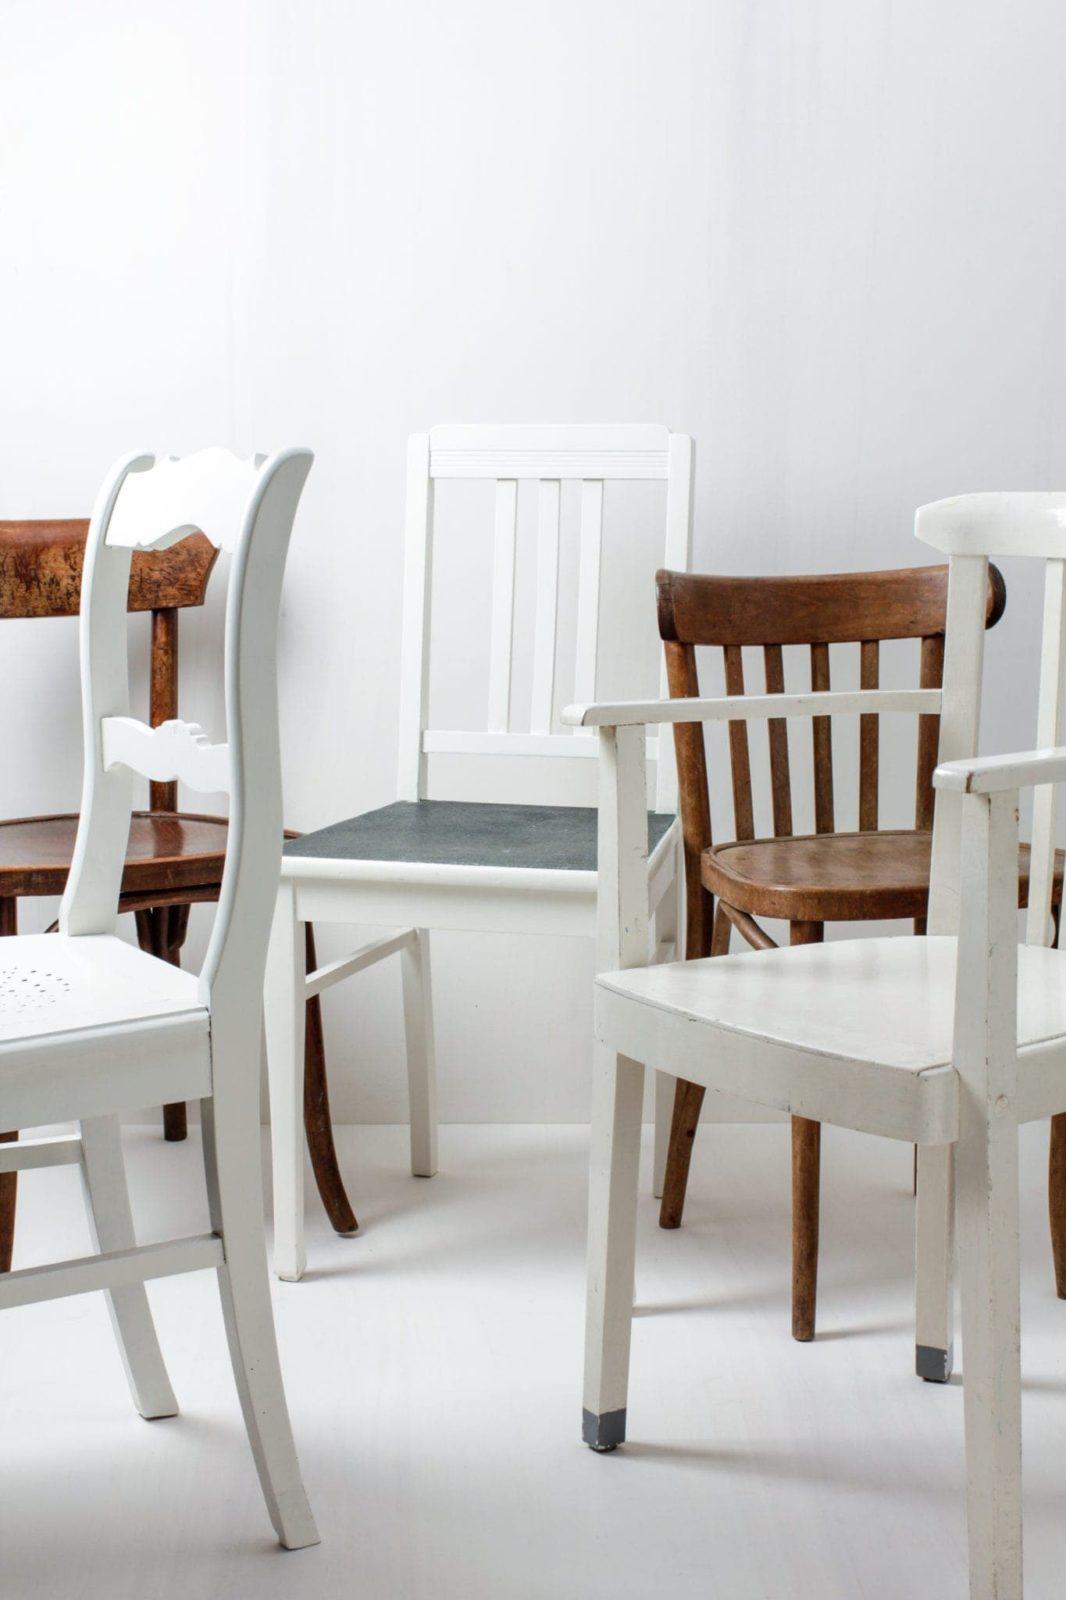 Holzstühle Laura Braun & Weiss Mismatching | Diese vintage mismatching Holzstühle verschönern jede Tafel. Durch die individuellen Formen und Designs, die unterschiedlichen Farbtöne, in braun und weiß, ergibt sich ein einmaliges aber stimmiges Bild auf deinem Fest, der Hochzeit oder auf dem Event. Bis zu 350 Stück der mismatching Holzstühle stehen zur Verfügung, somit lässt sich eine lange Tafel wunderschön gestalten. | gotvintage Rental & Event Design